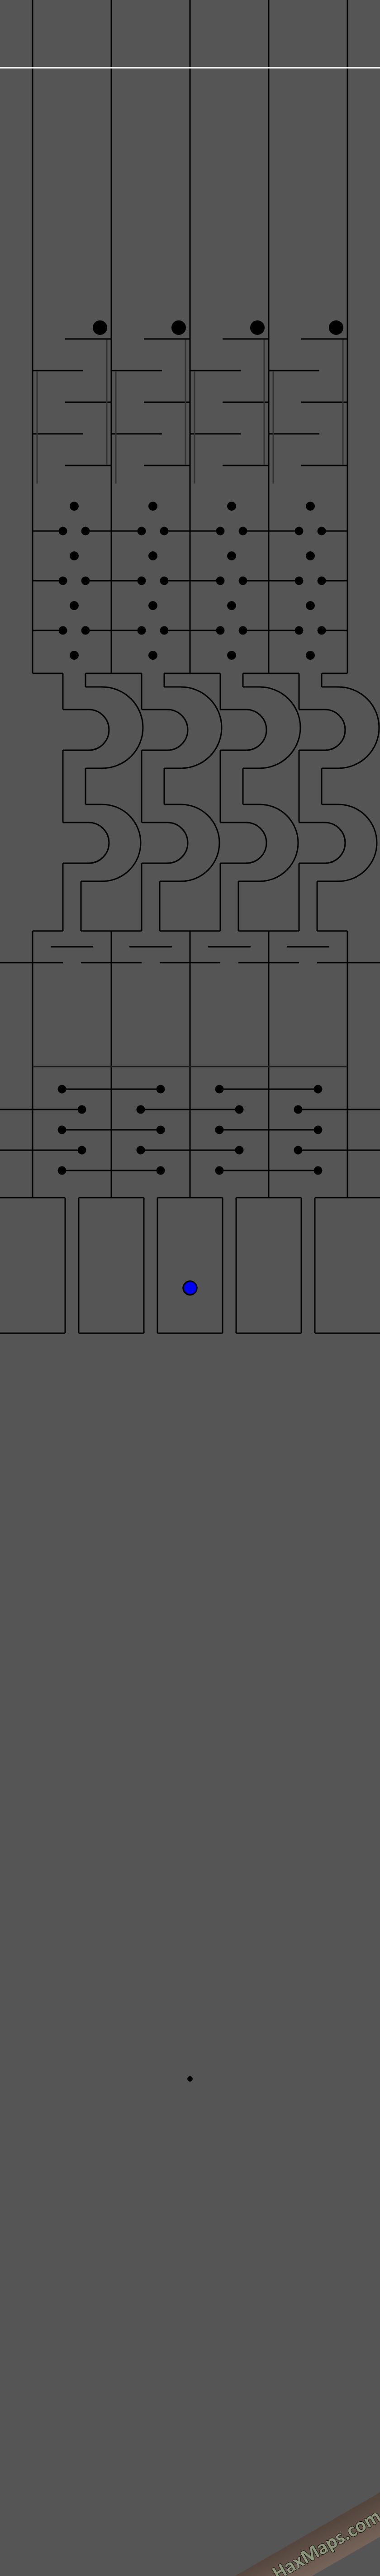 hax ball maps | discord.io/haxkart